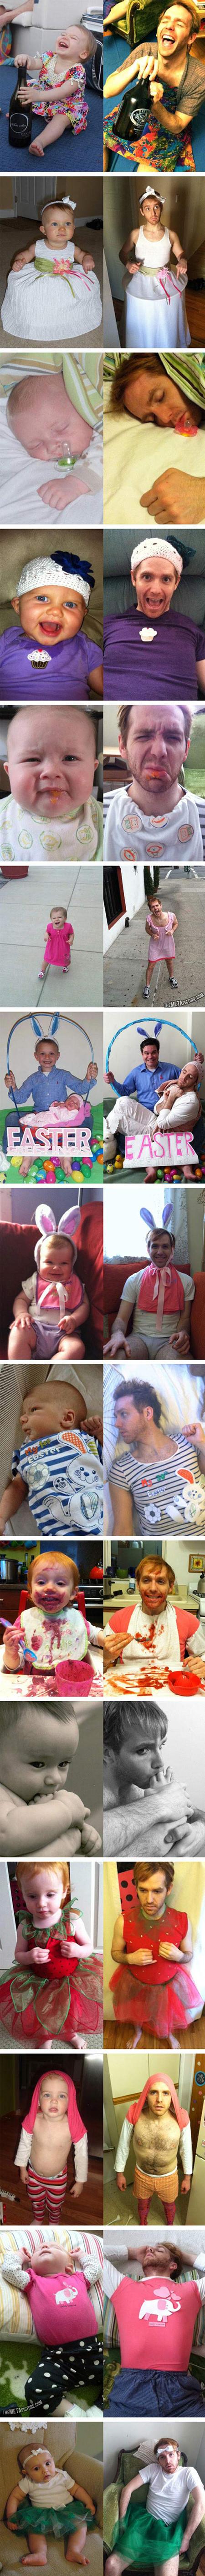 Internet Geek Reenacts Random Baby Pictures